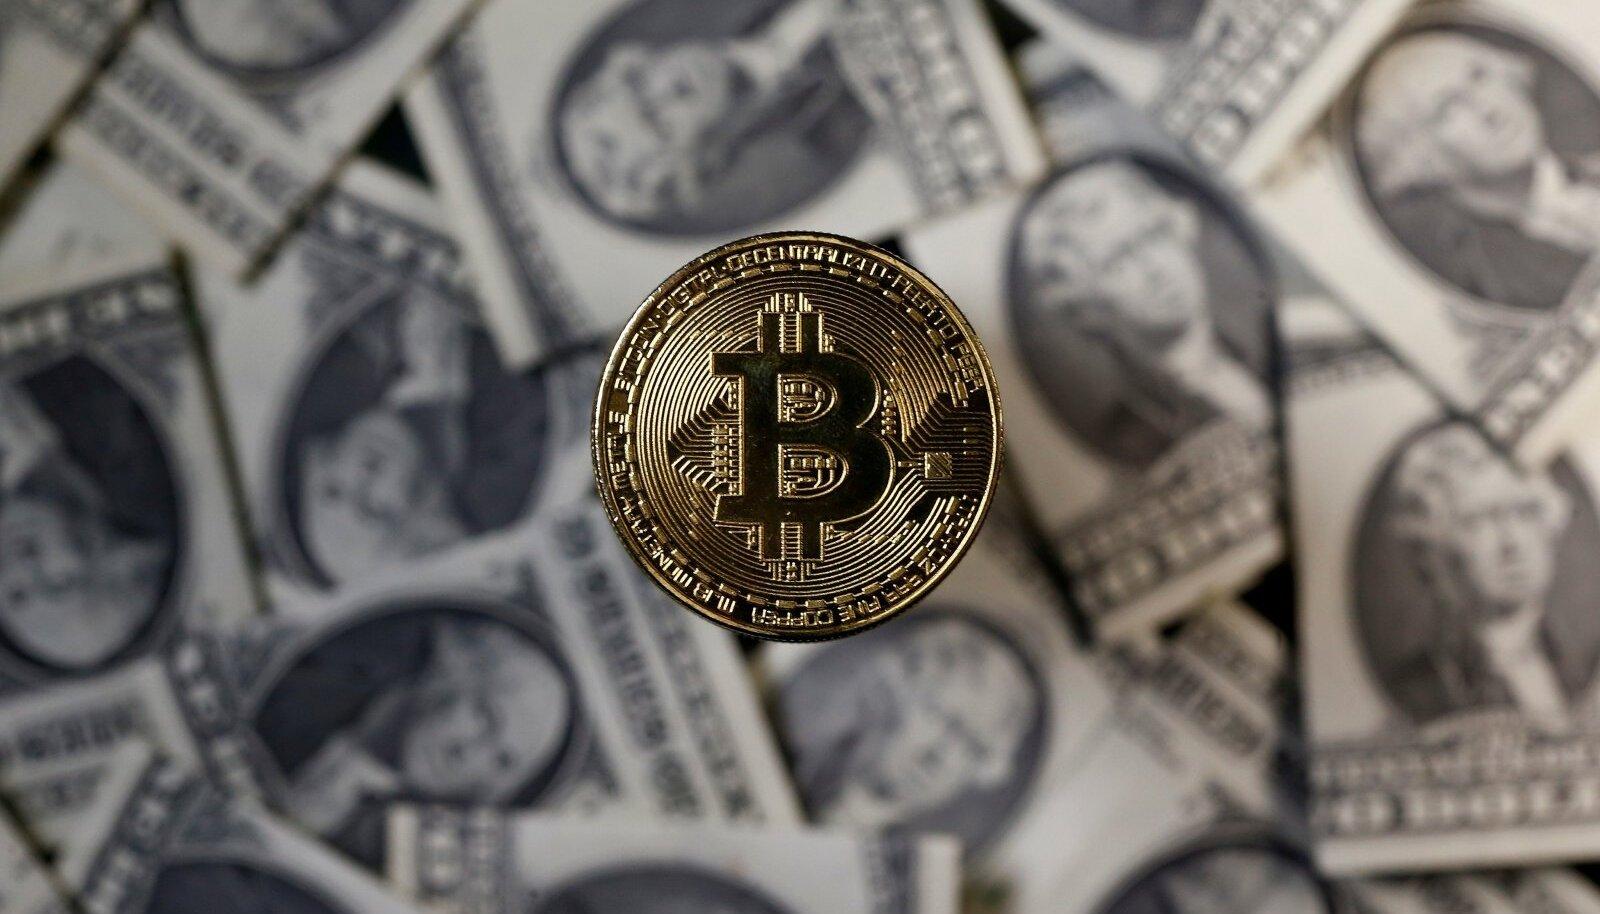 Energiamahukate arvelduste poolest silmapaistev bitcoin võib kunagi esitada väljakutse traditsioonilisele rahale.